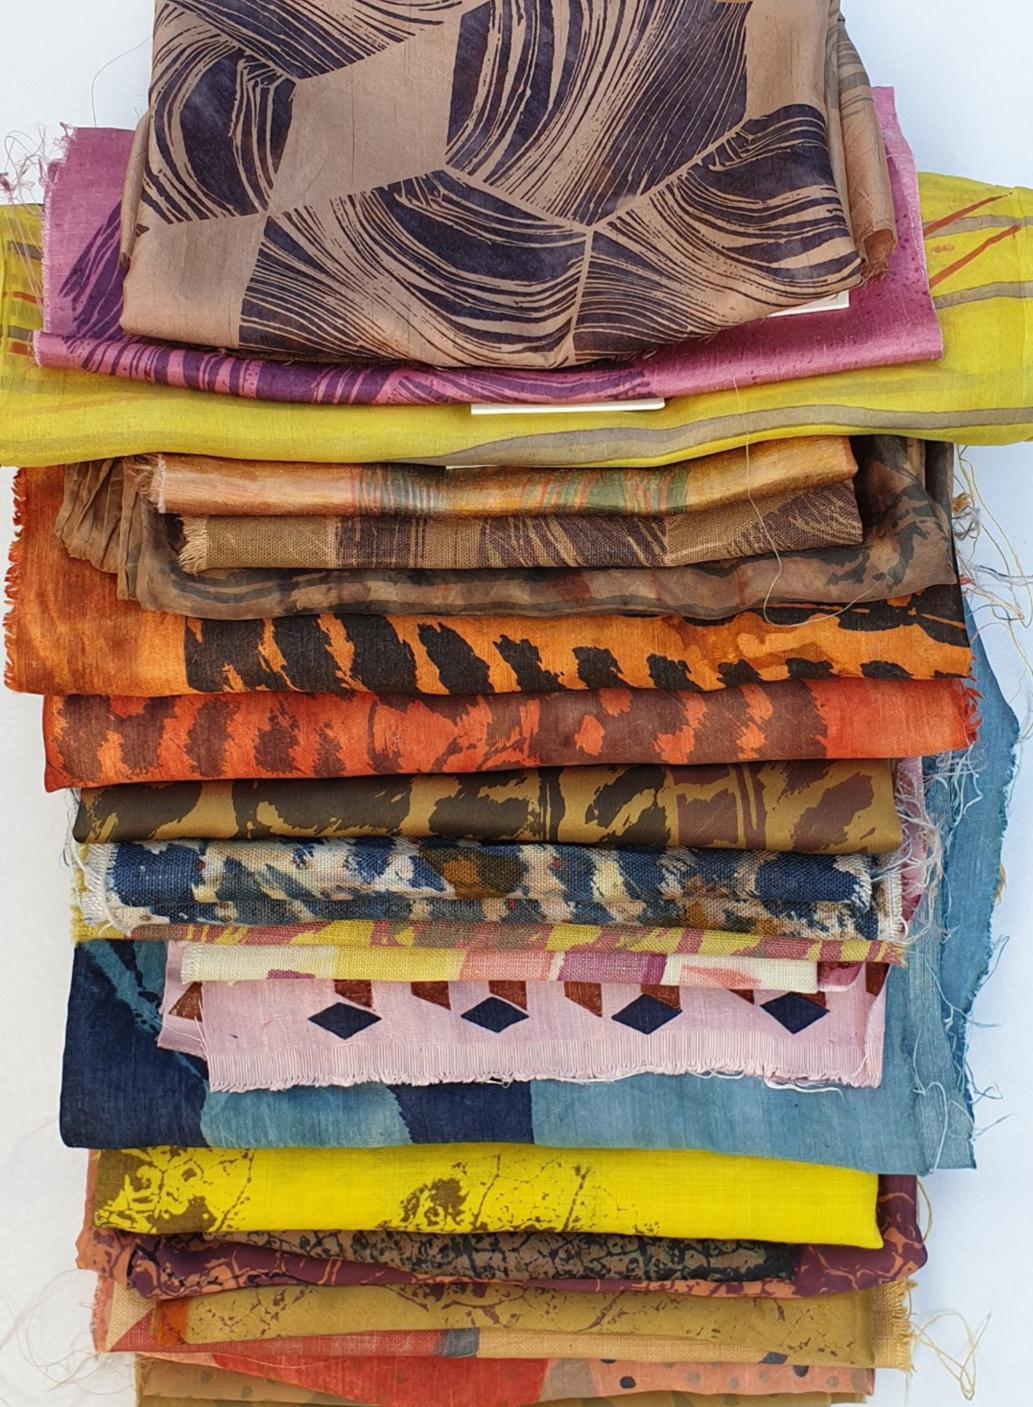 Zoe Burt fabrics